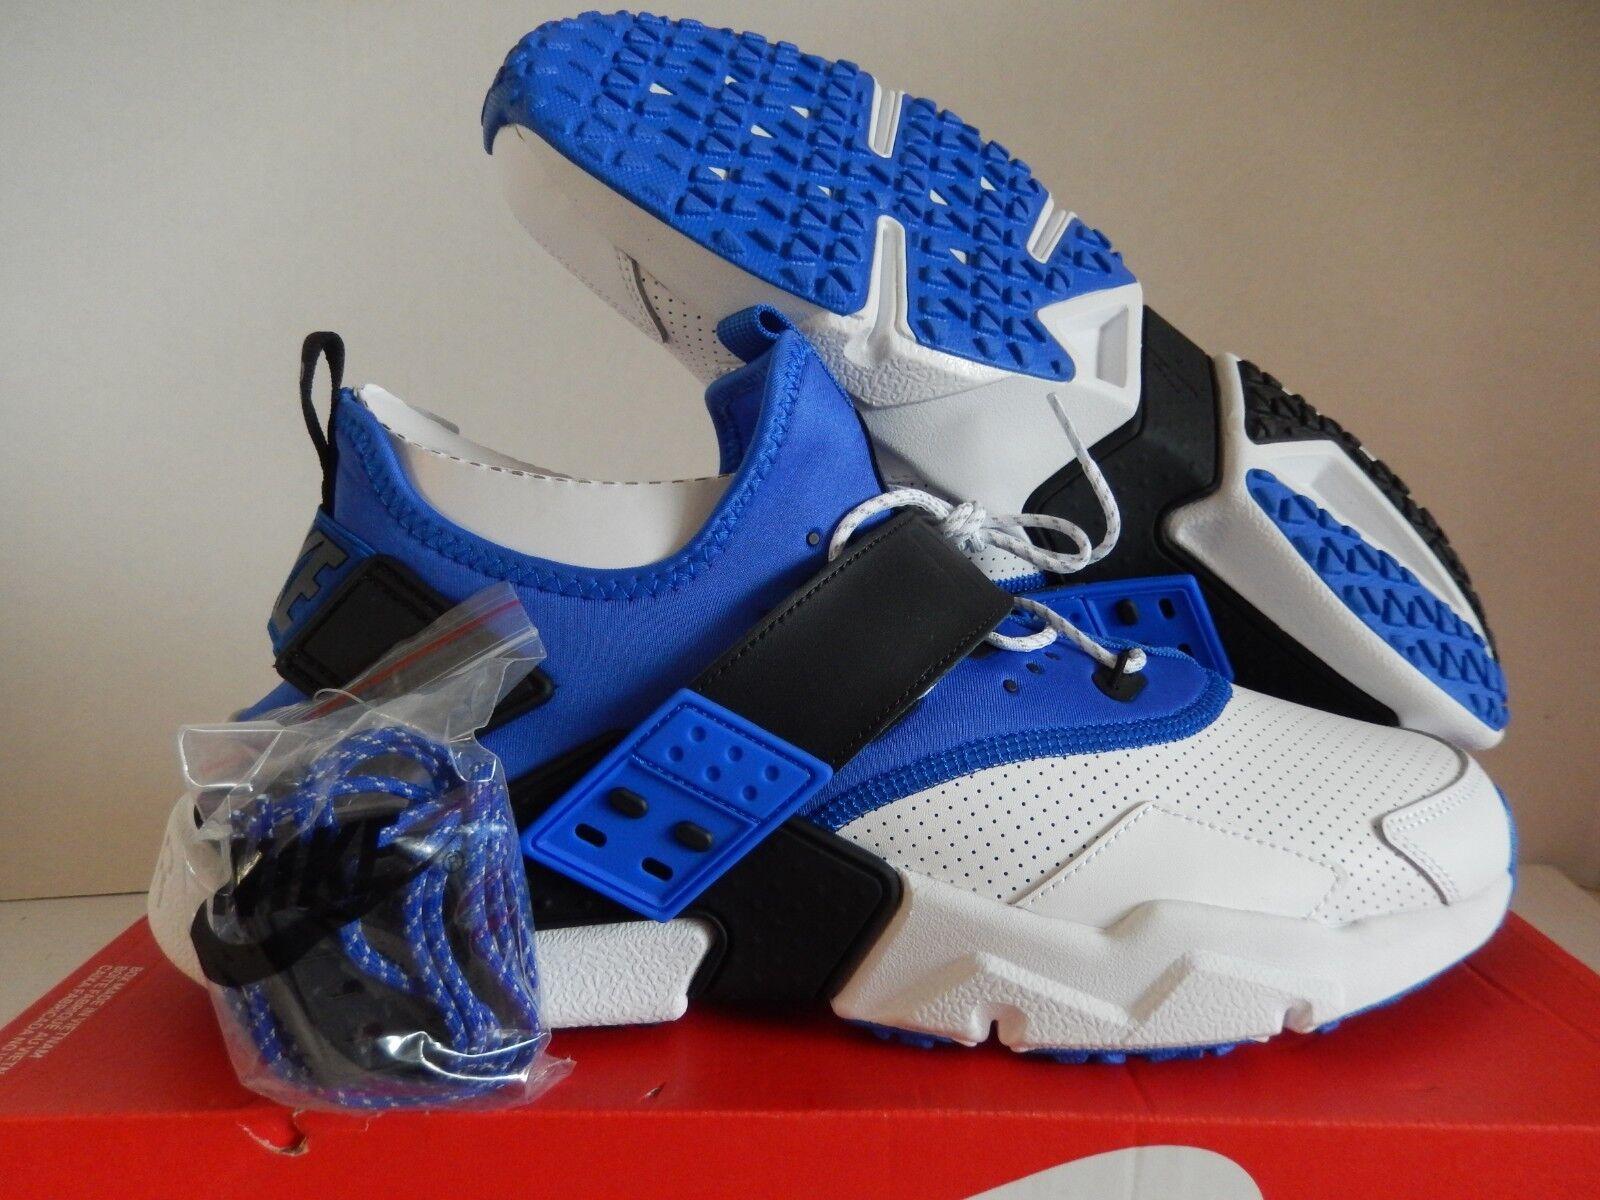 NIKE AIR HUARACHE DRIFT PREMIUM WHITE-RACER blueE-BLACK SZ 14 [AH7335-103]